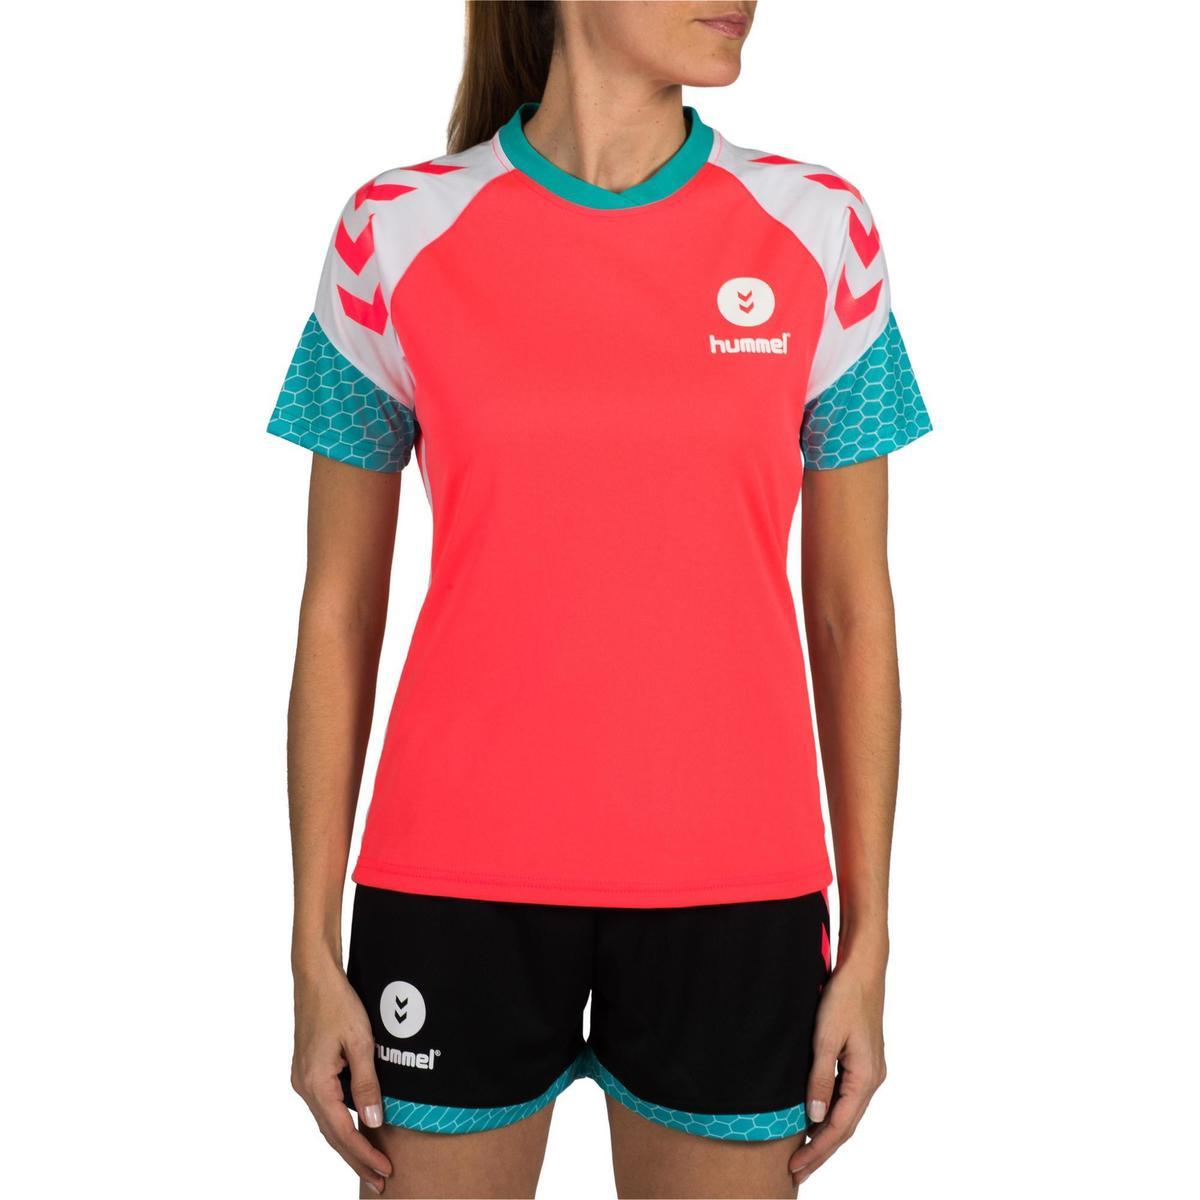 Bild 2 von Handballtrikot Damen rosa/weiß/blau/türkis